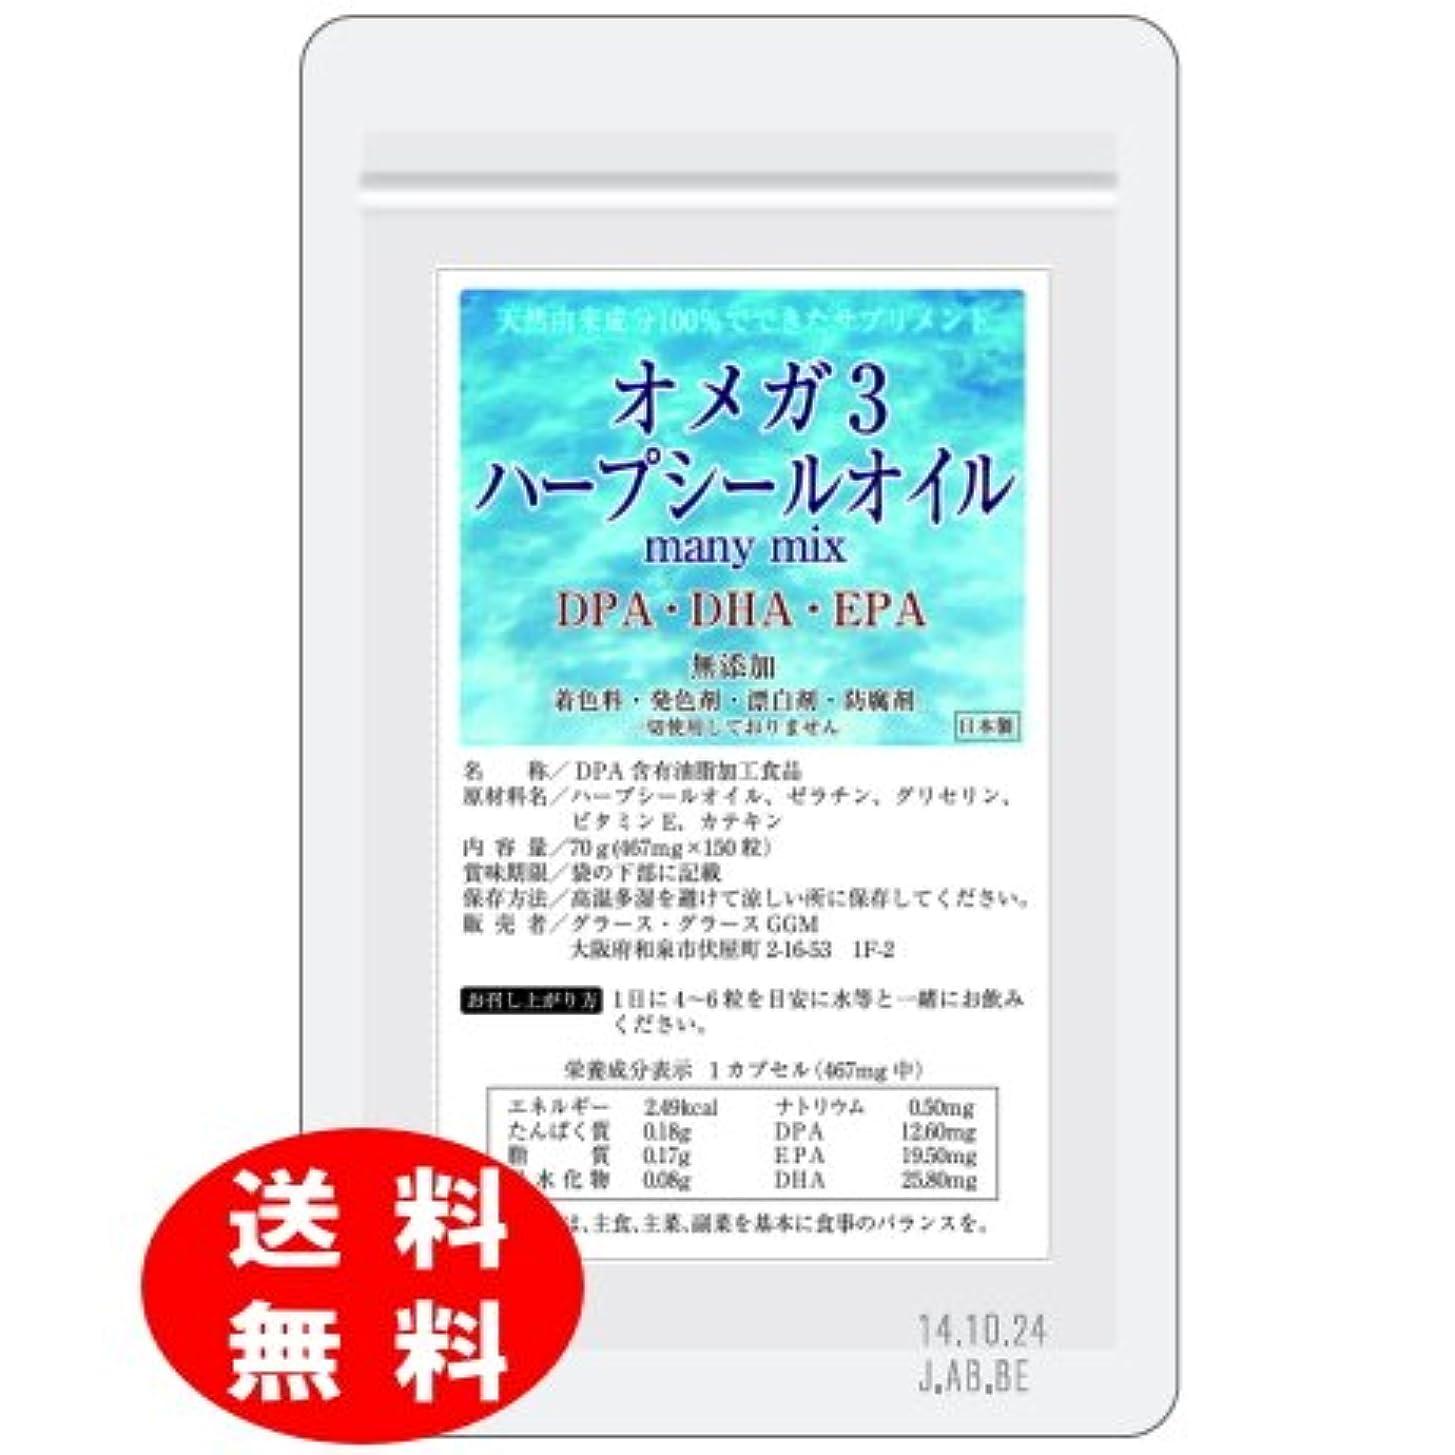 土曜日アラーム倒産オメガ3 ハープシールオイル(アザラシオイル) many mix 150粒